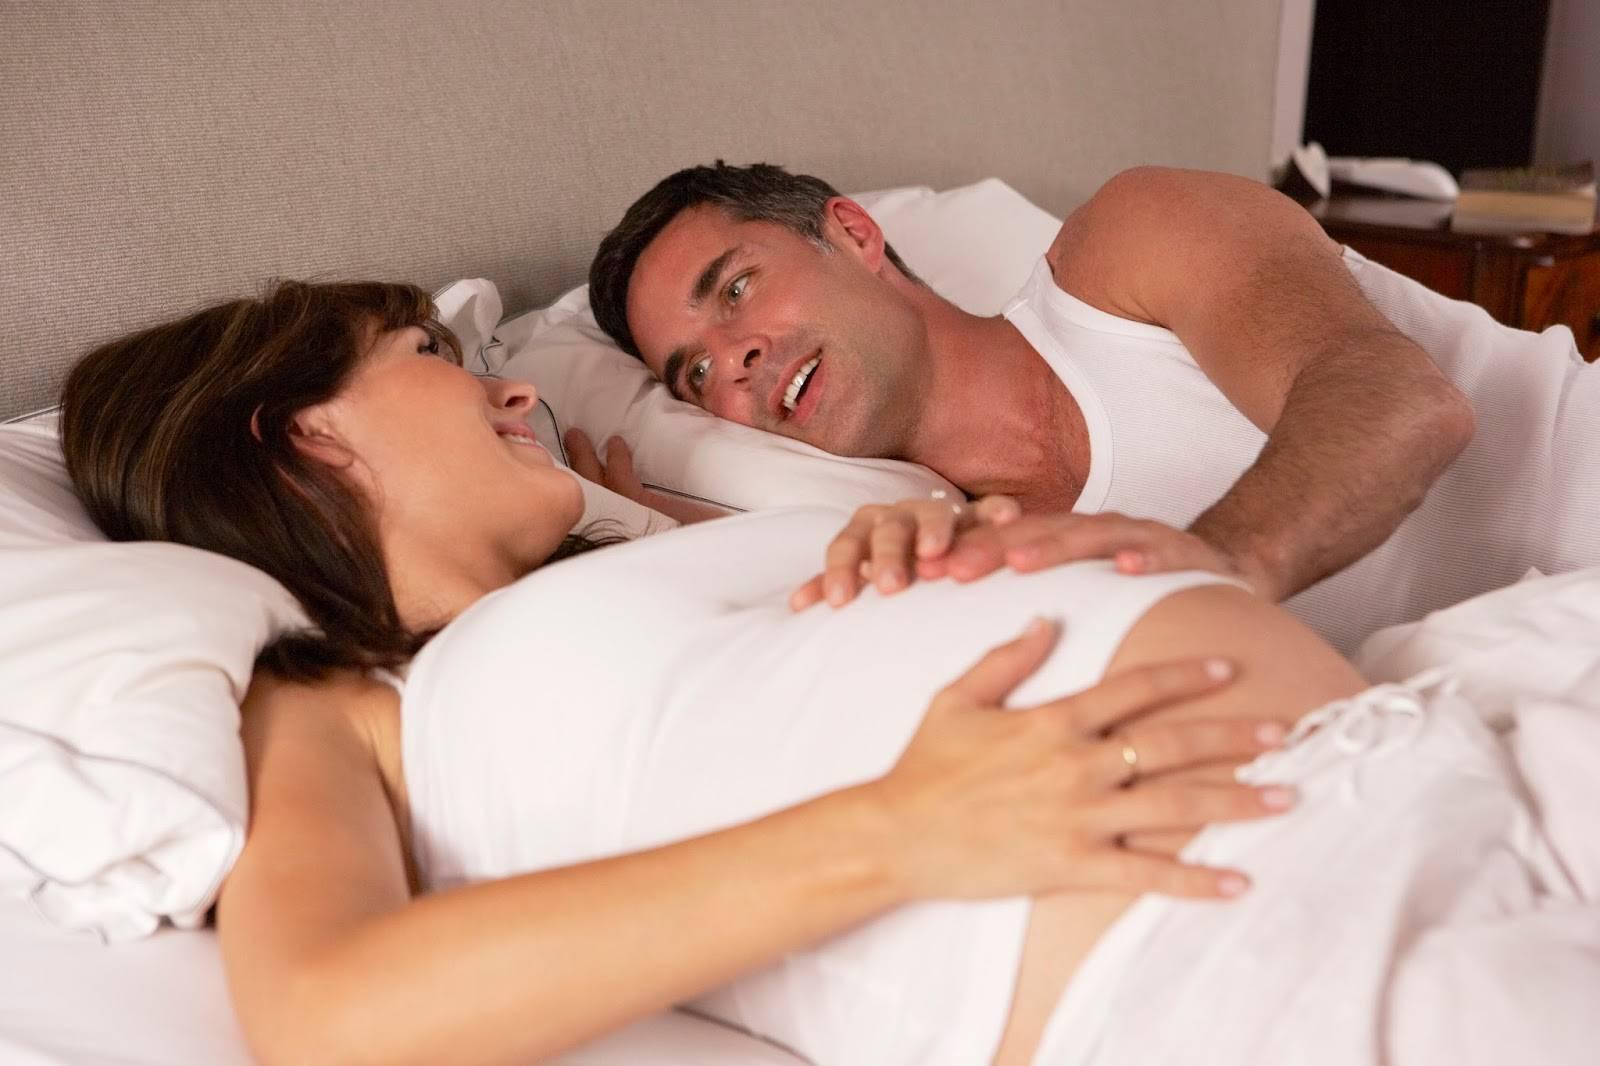 Либидо при беременности: скачки гормонов, сроки беременности и влияние на сексуальное влечение - cureprostate.ru